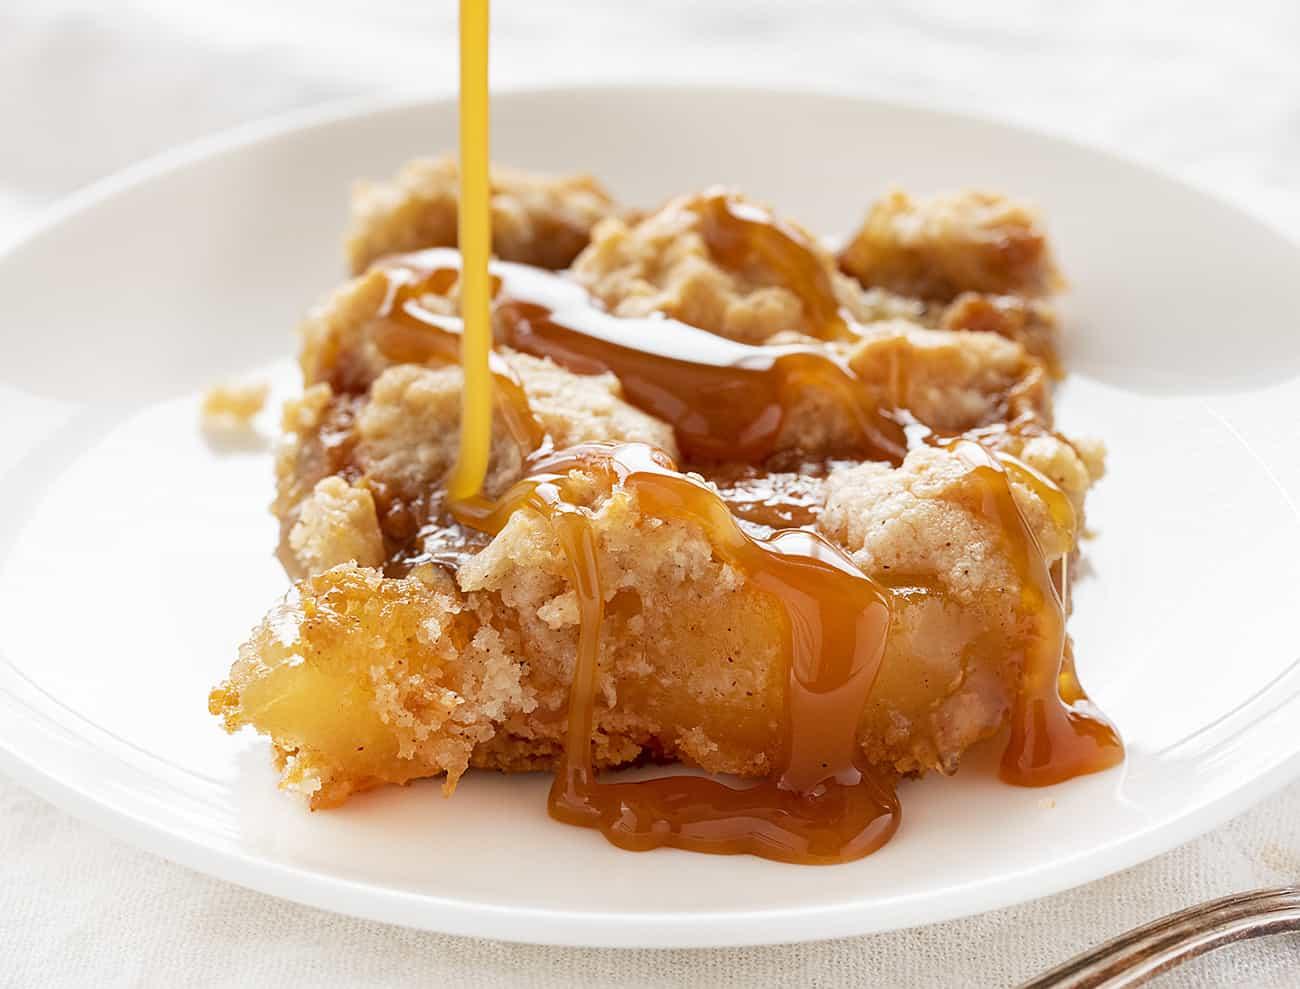 Pastel de manzana y caramelo